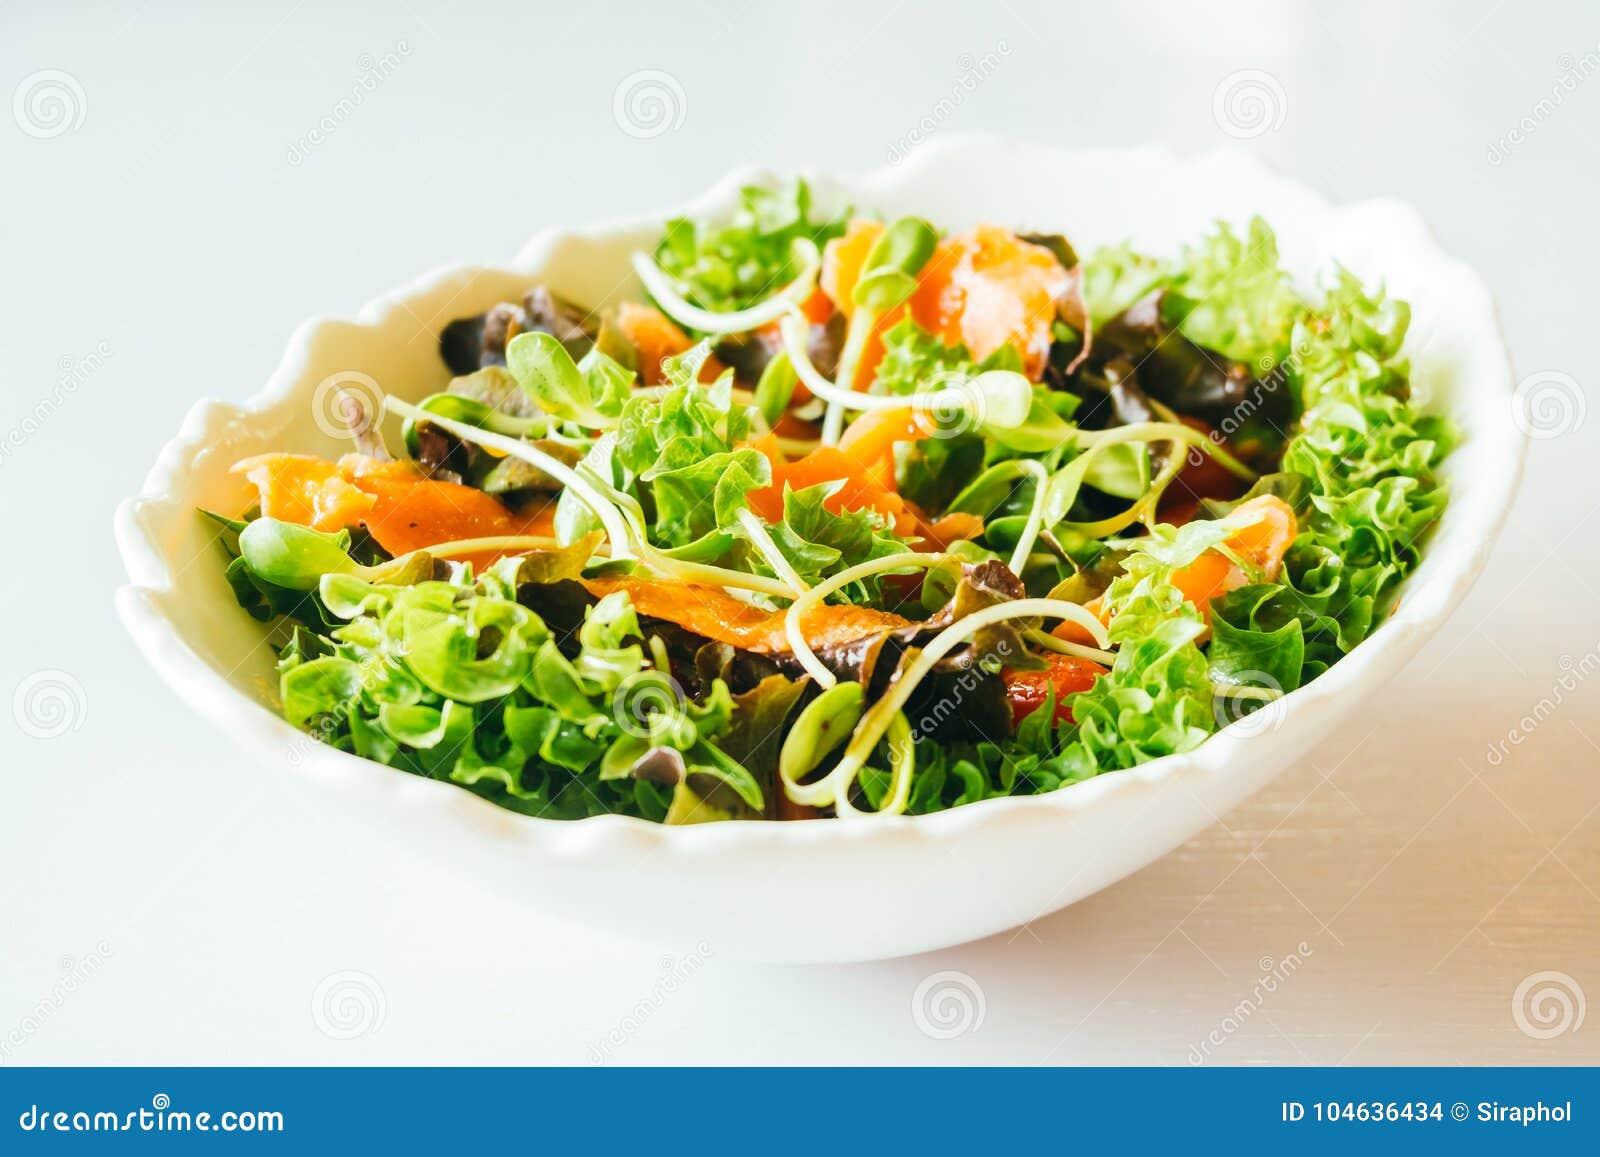 Download Gerookte Zalm Met Plantaardige Salade Stock Foto - Afbeelding bestaande uit achtergrond, dieet: 104636434